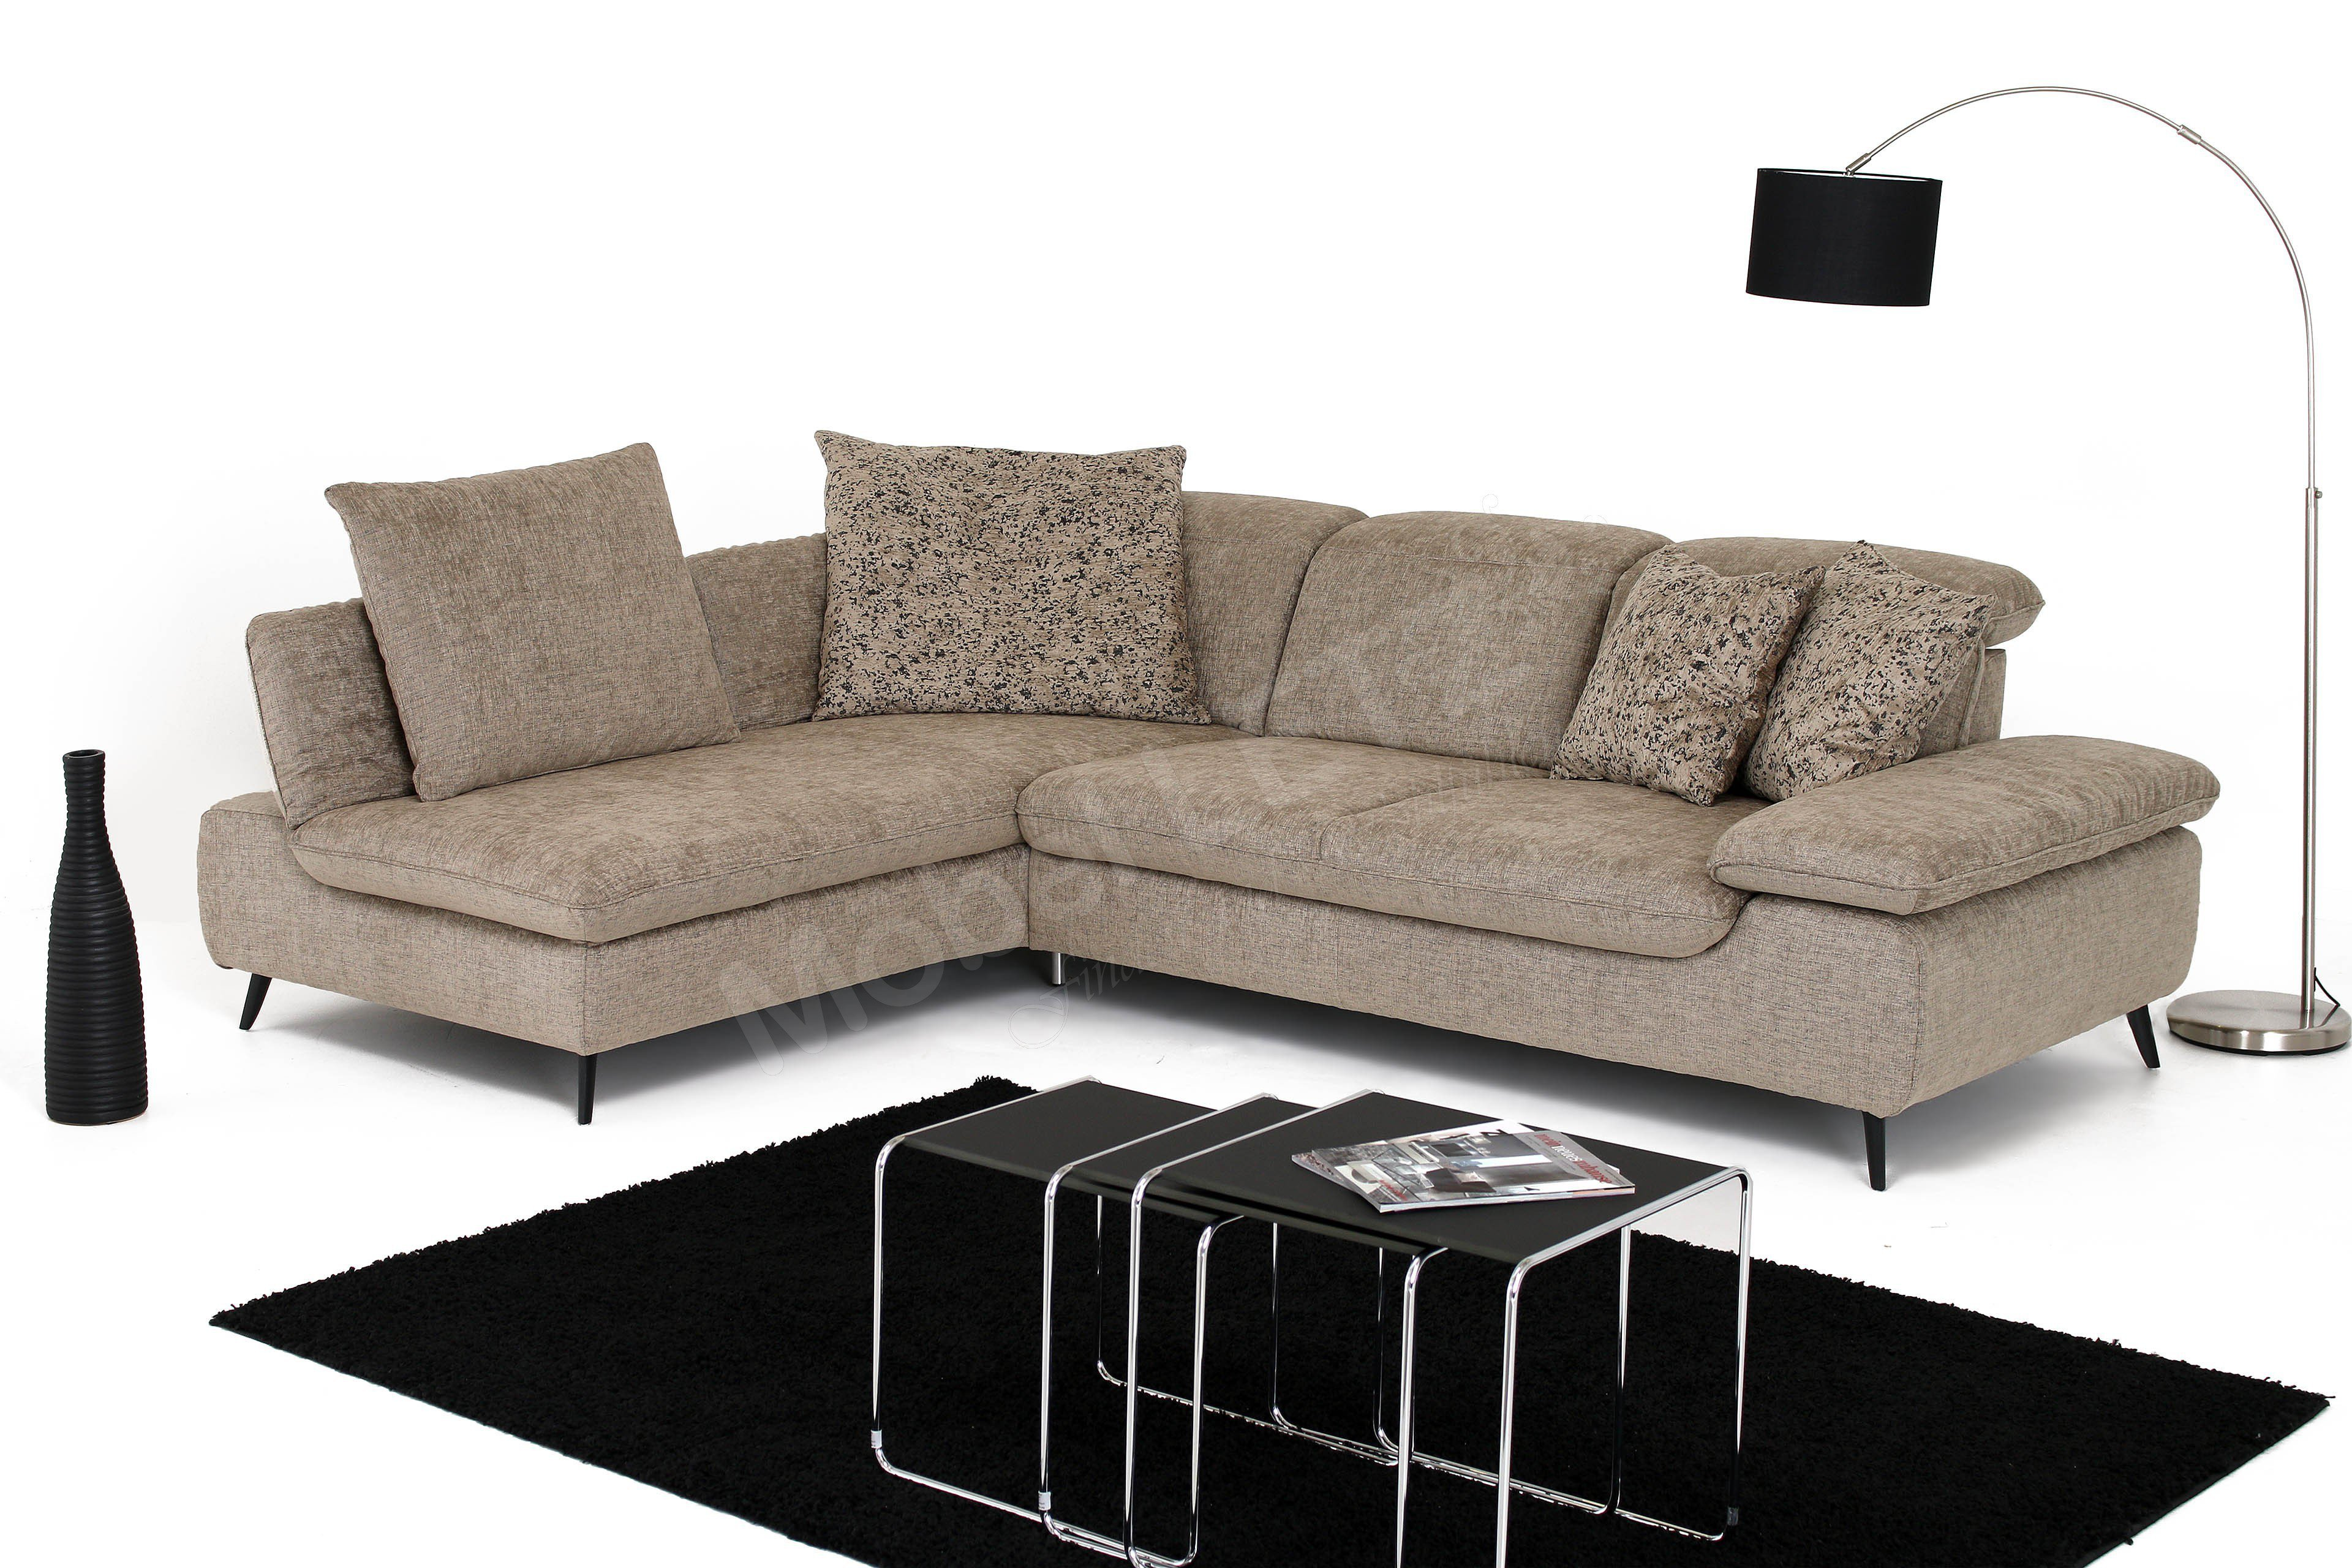 Polstermöbel leder fabrikverkauf  K+W Polstermöbel | Möbel Letz - Ihr Online-Shop